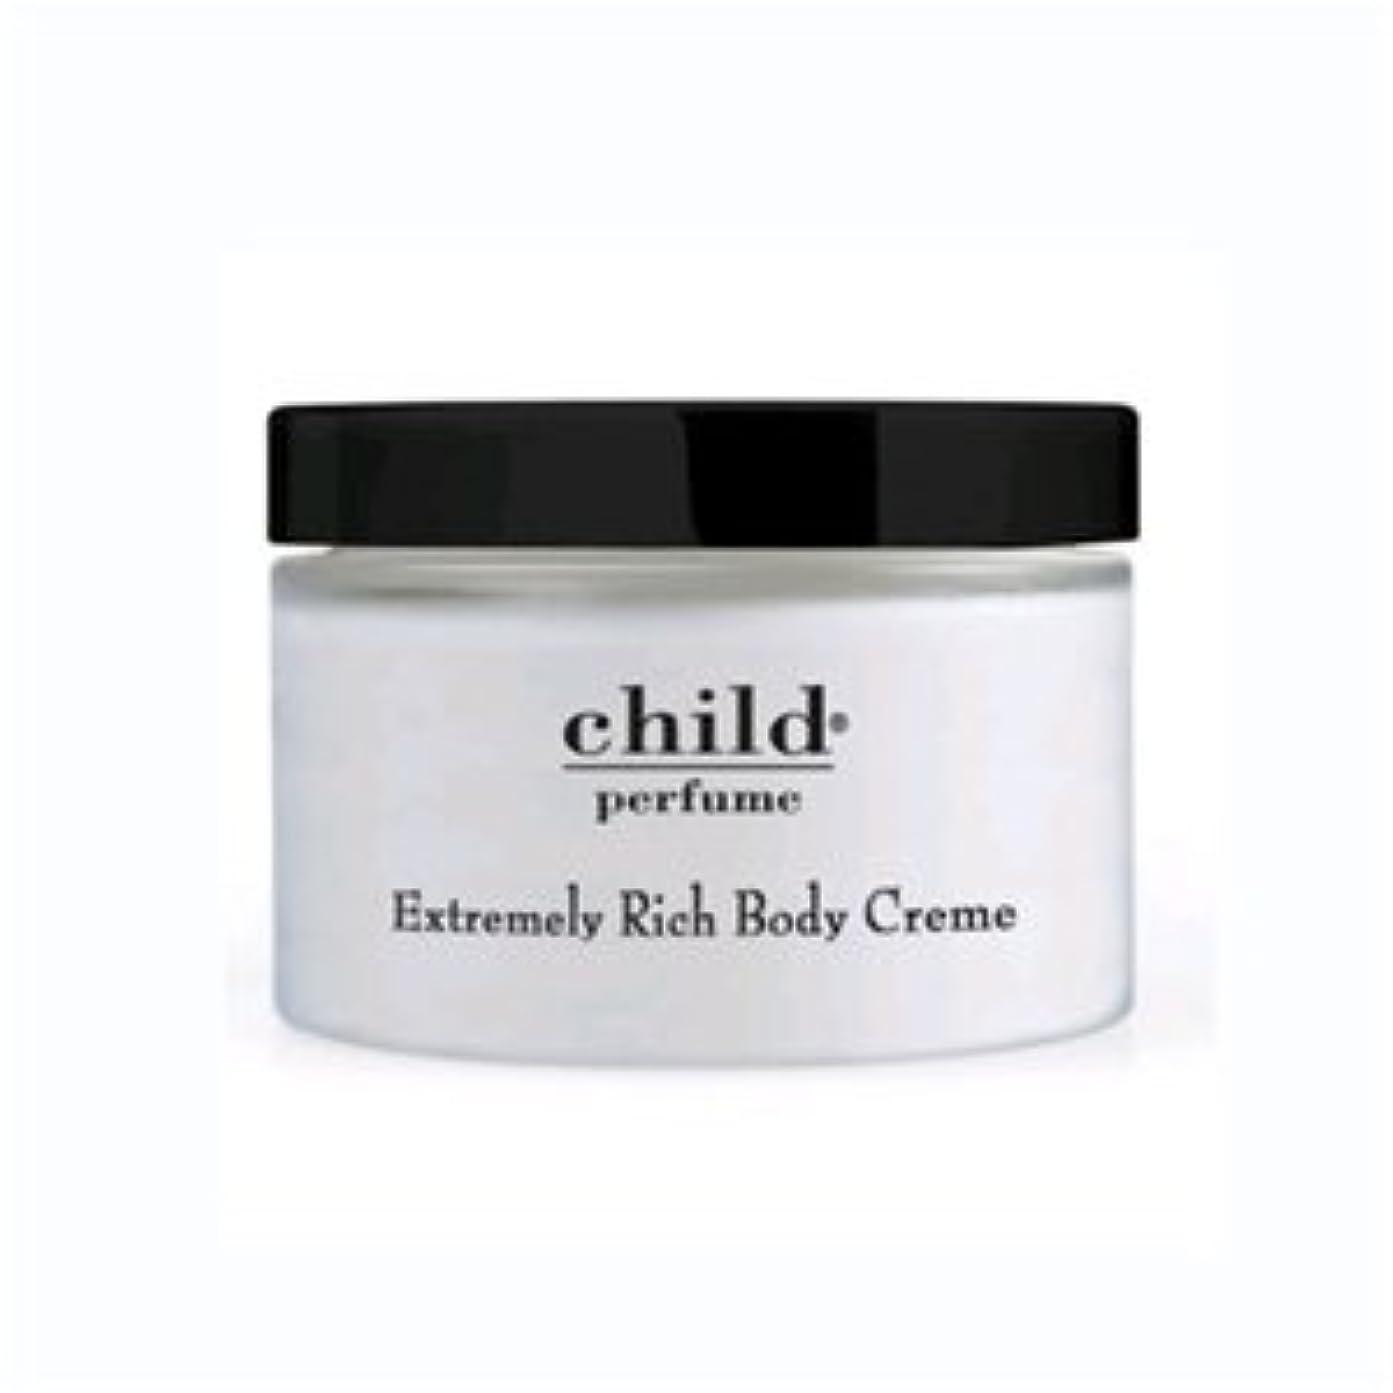 煙突驚かす受け入れChild Extremely Rich Body Creme (チャイルド エクストリームリーリッチ ボディークリーム) 8.0 oz (240ml) by Child for Women